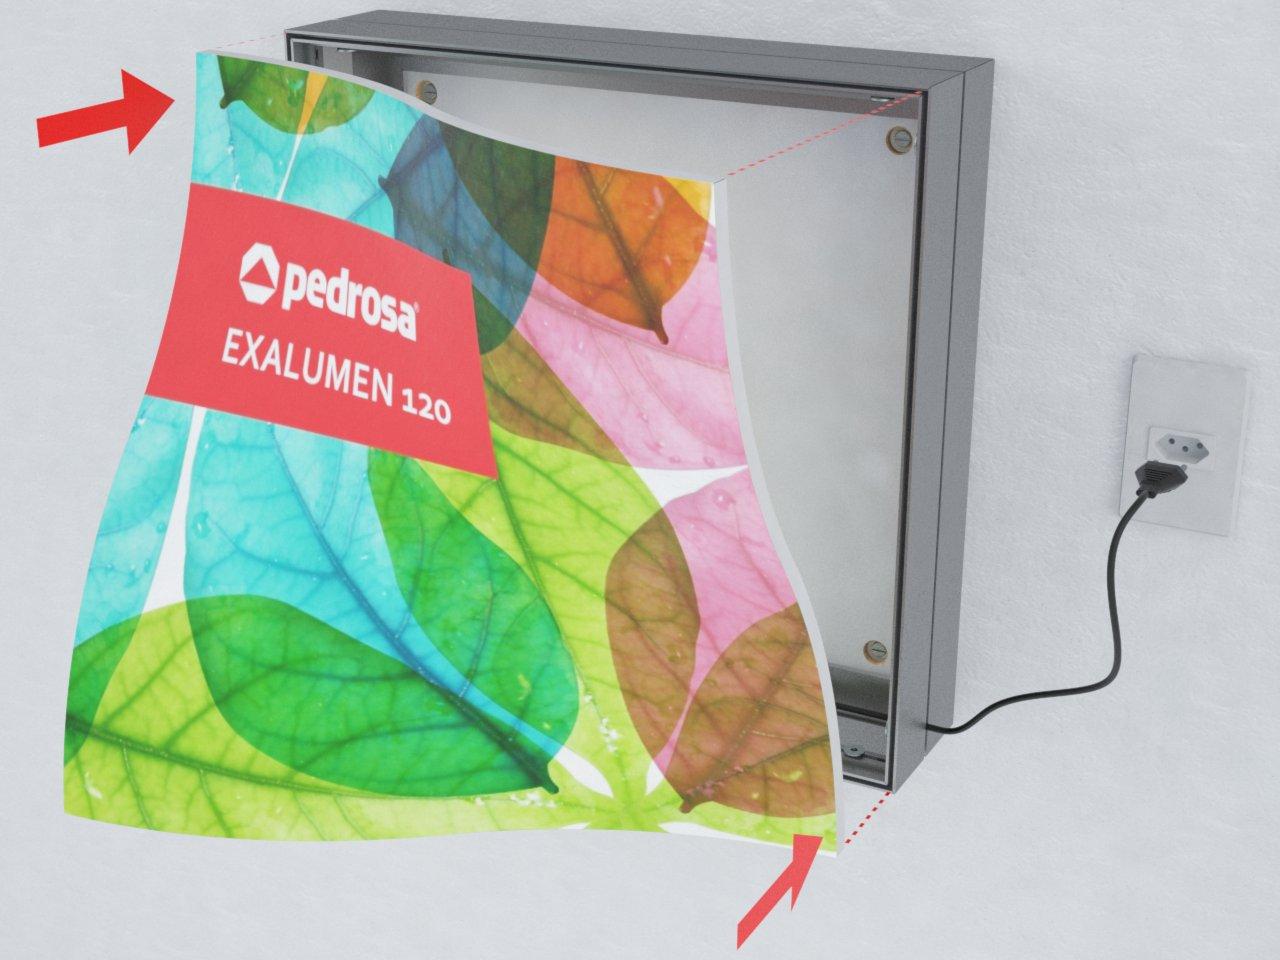 Detalhe do perfil de alumínio H190 para esticar tecido ou lona em painéis e displays